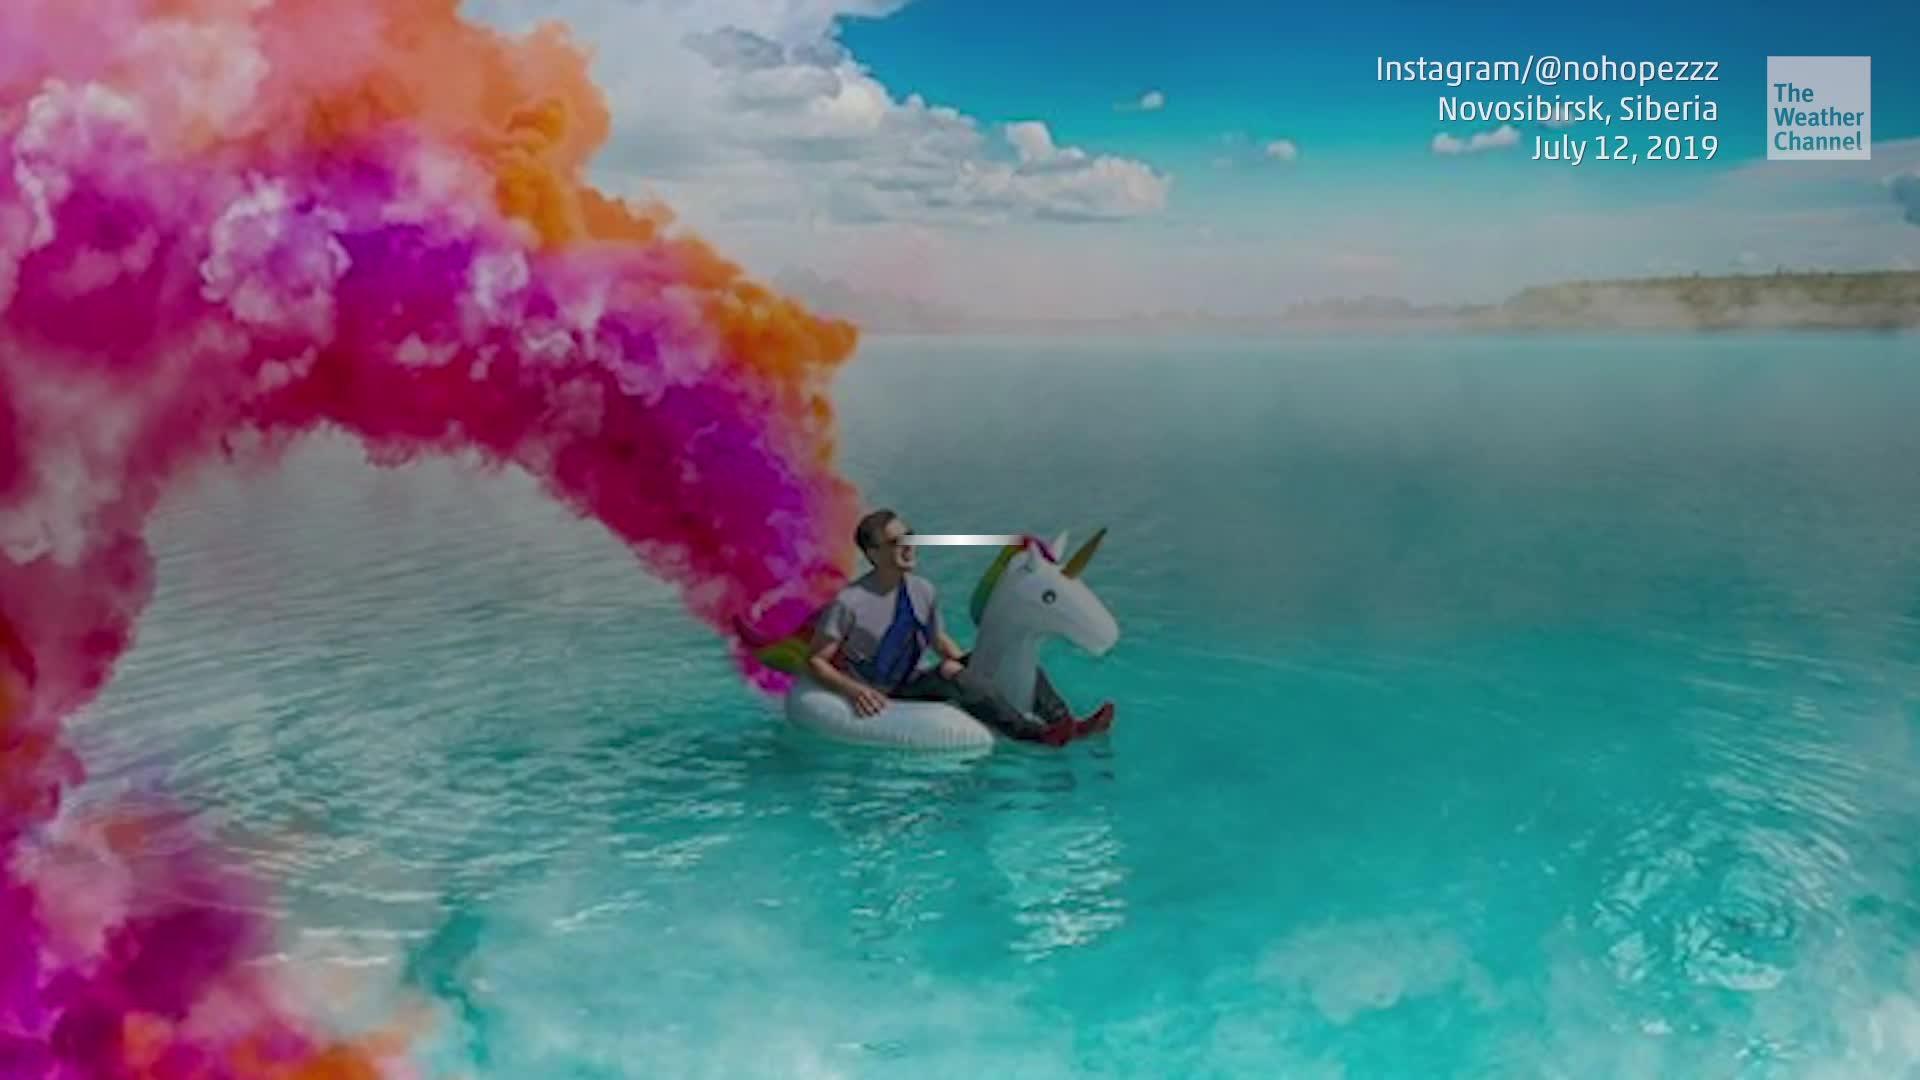 Instagrammers están acudiendo en masa a este impresionante lago azul en Rusia, apodado las Maldivas siberianas. Pero hay un problema: es tóxico.